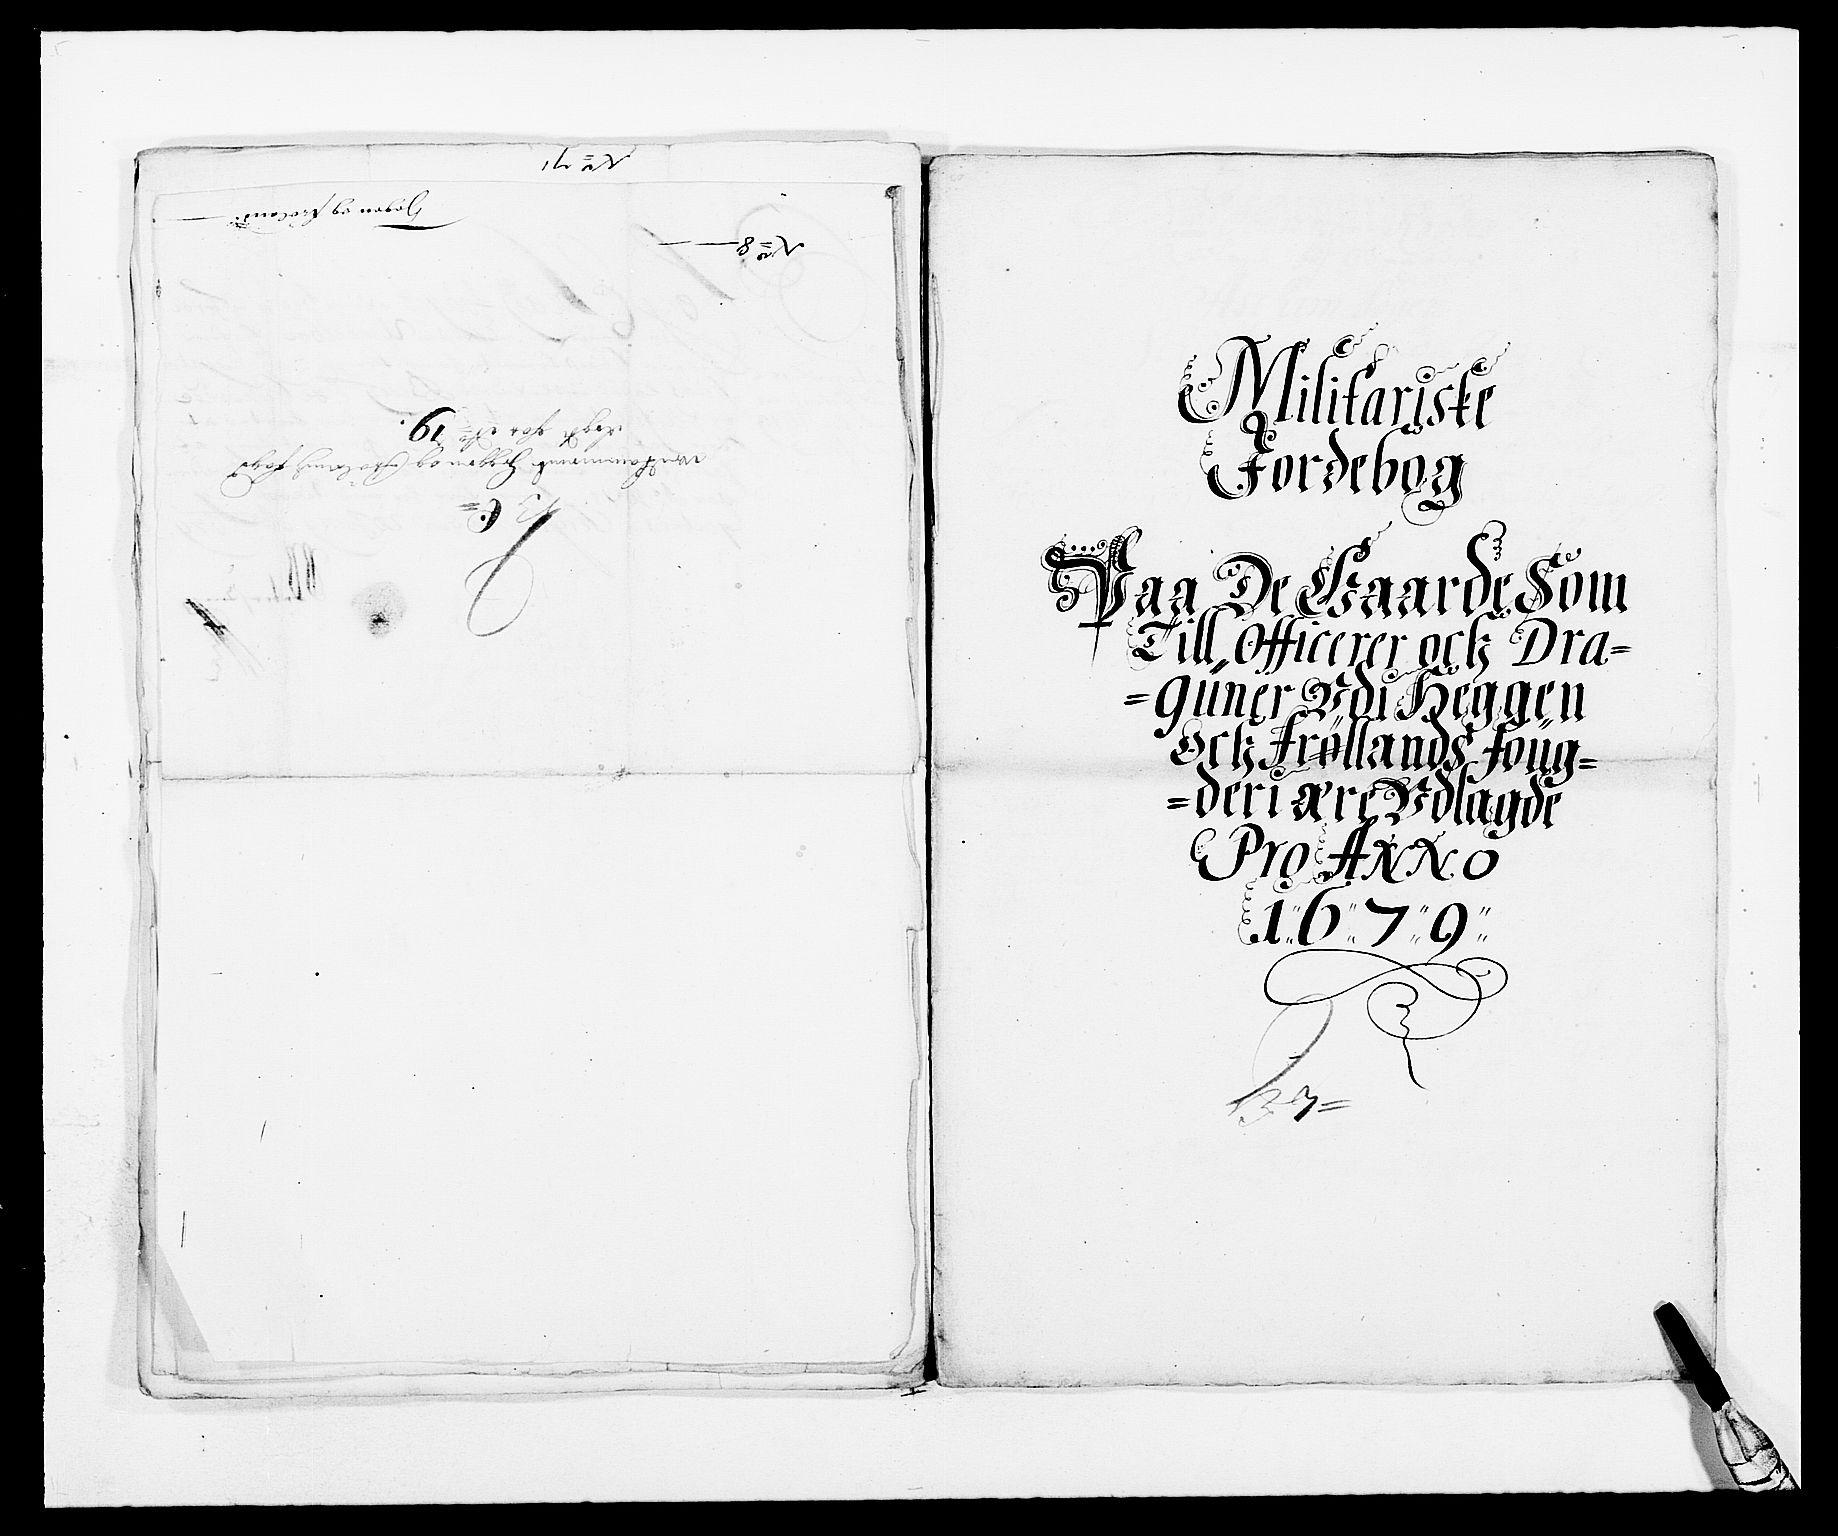 RA, Rentekammeret inntil 1814, Reviderte regnskaper, Fogderegnskap, R06/L0281: Fogderegnskap Heggen og Frøland, 1678-1686, s. 145